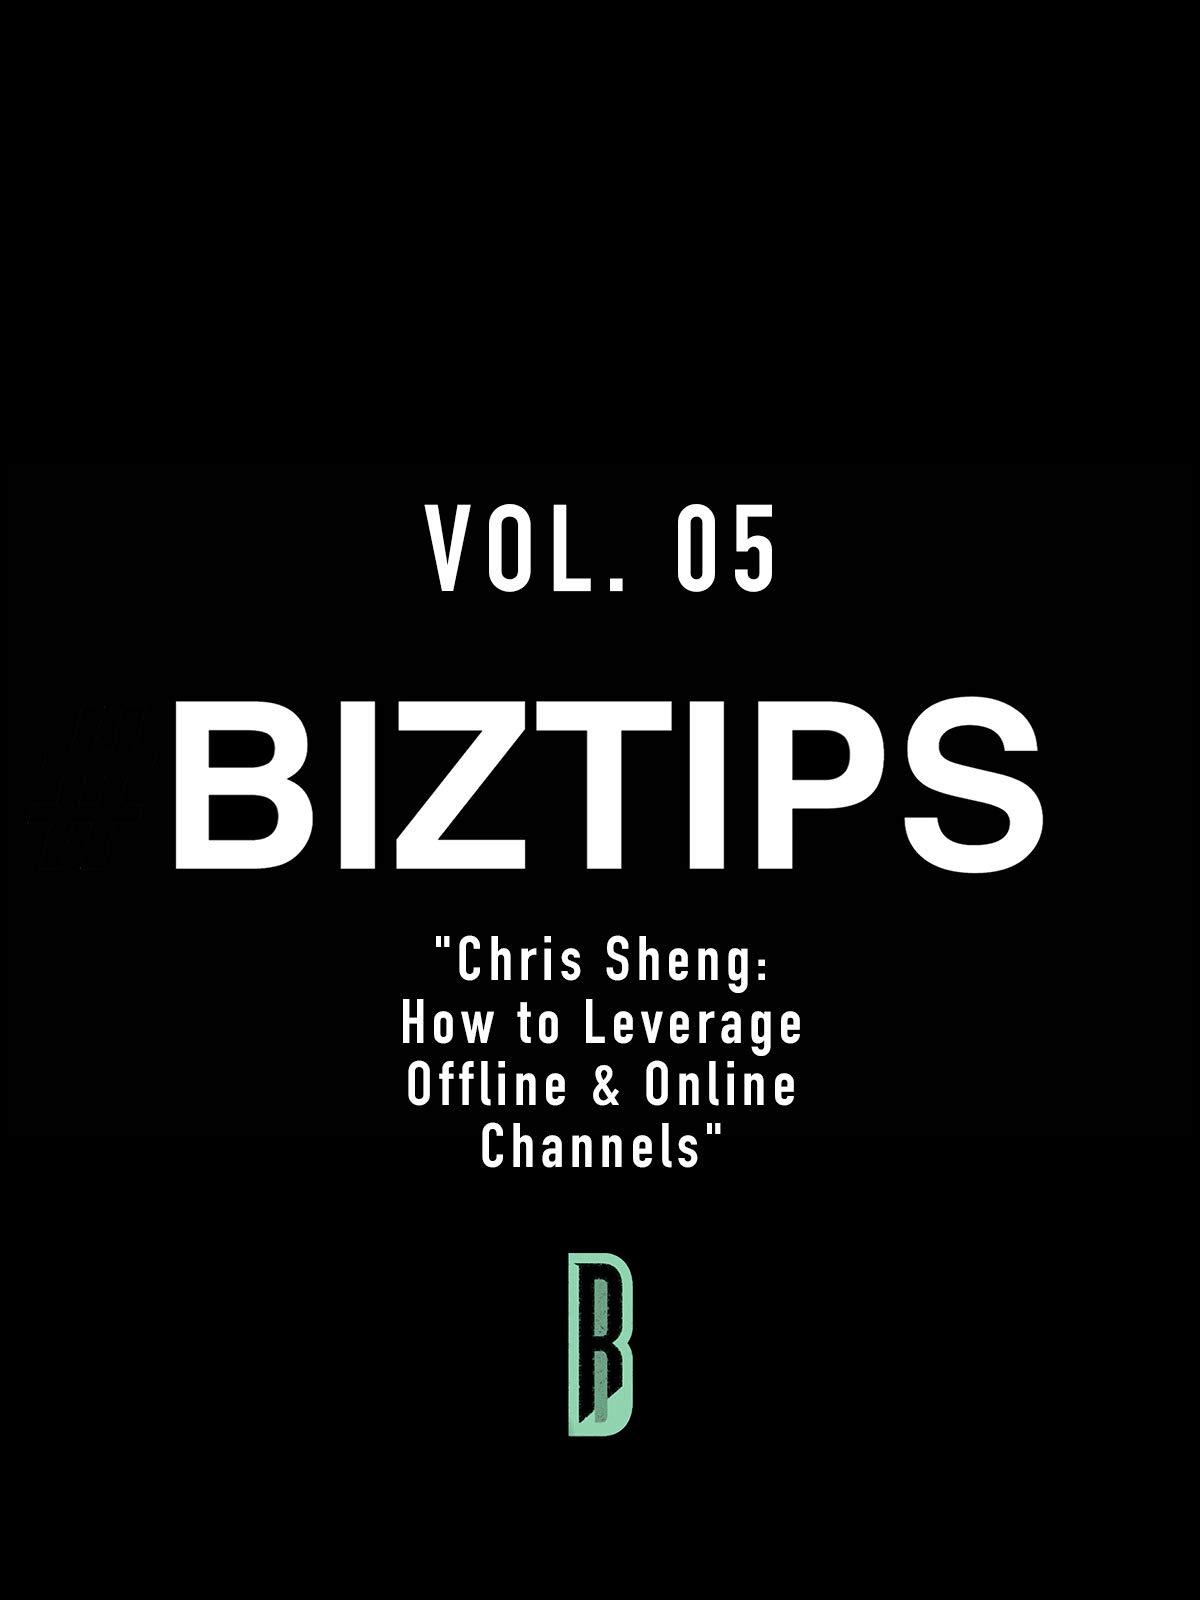 BizTips Vol. 05